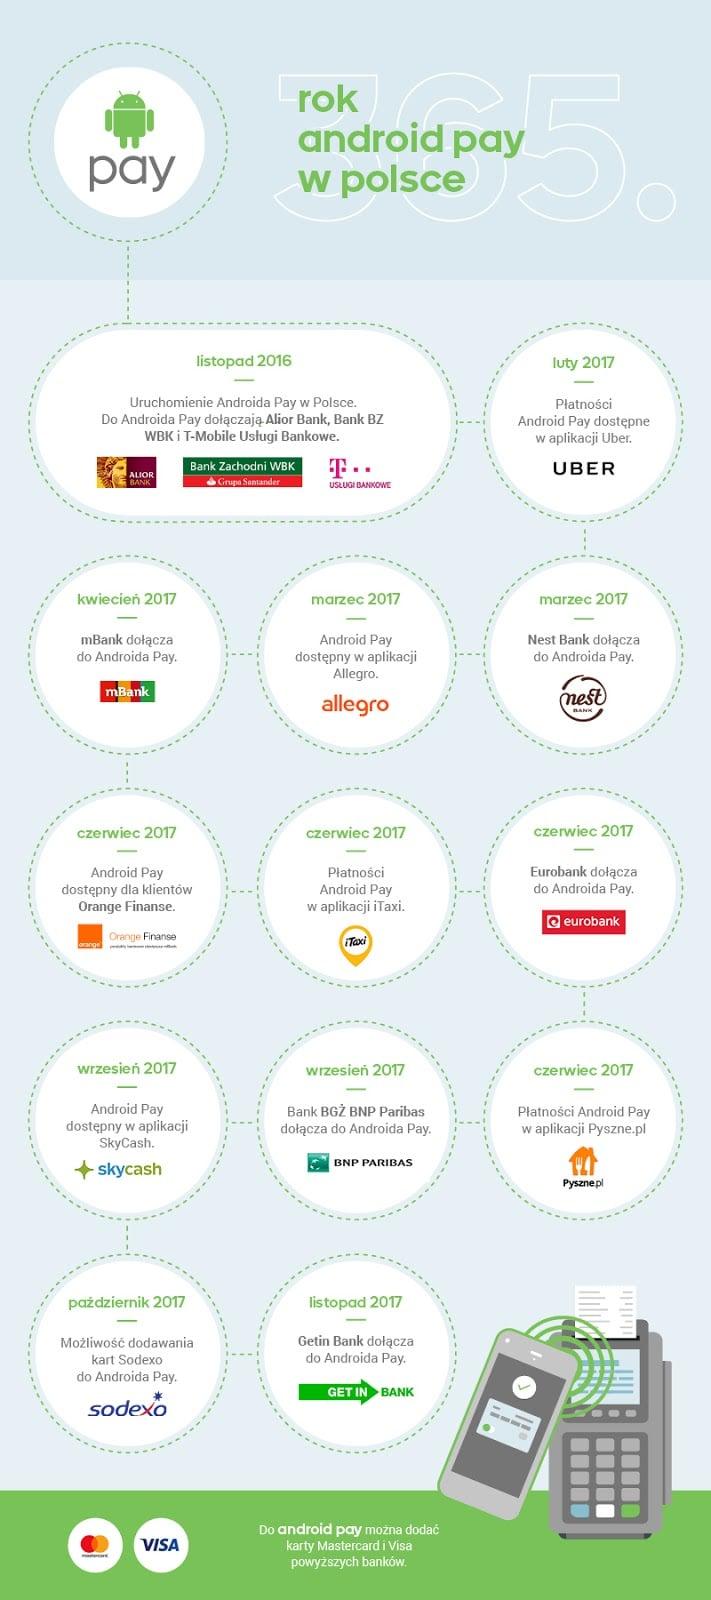 Tabletowo.pl Właśnie mija rok, odkąd Android Pay jest dostępny w Polsce Android Aplikacje Google Raporty/Statystyki